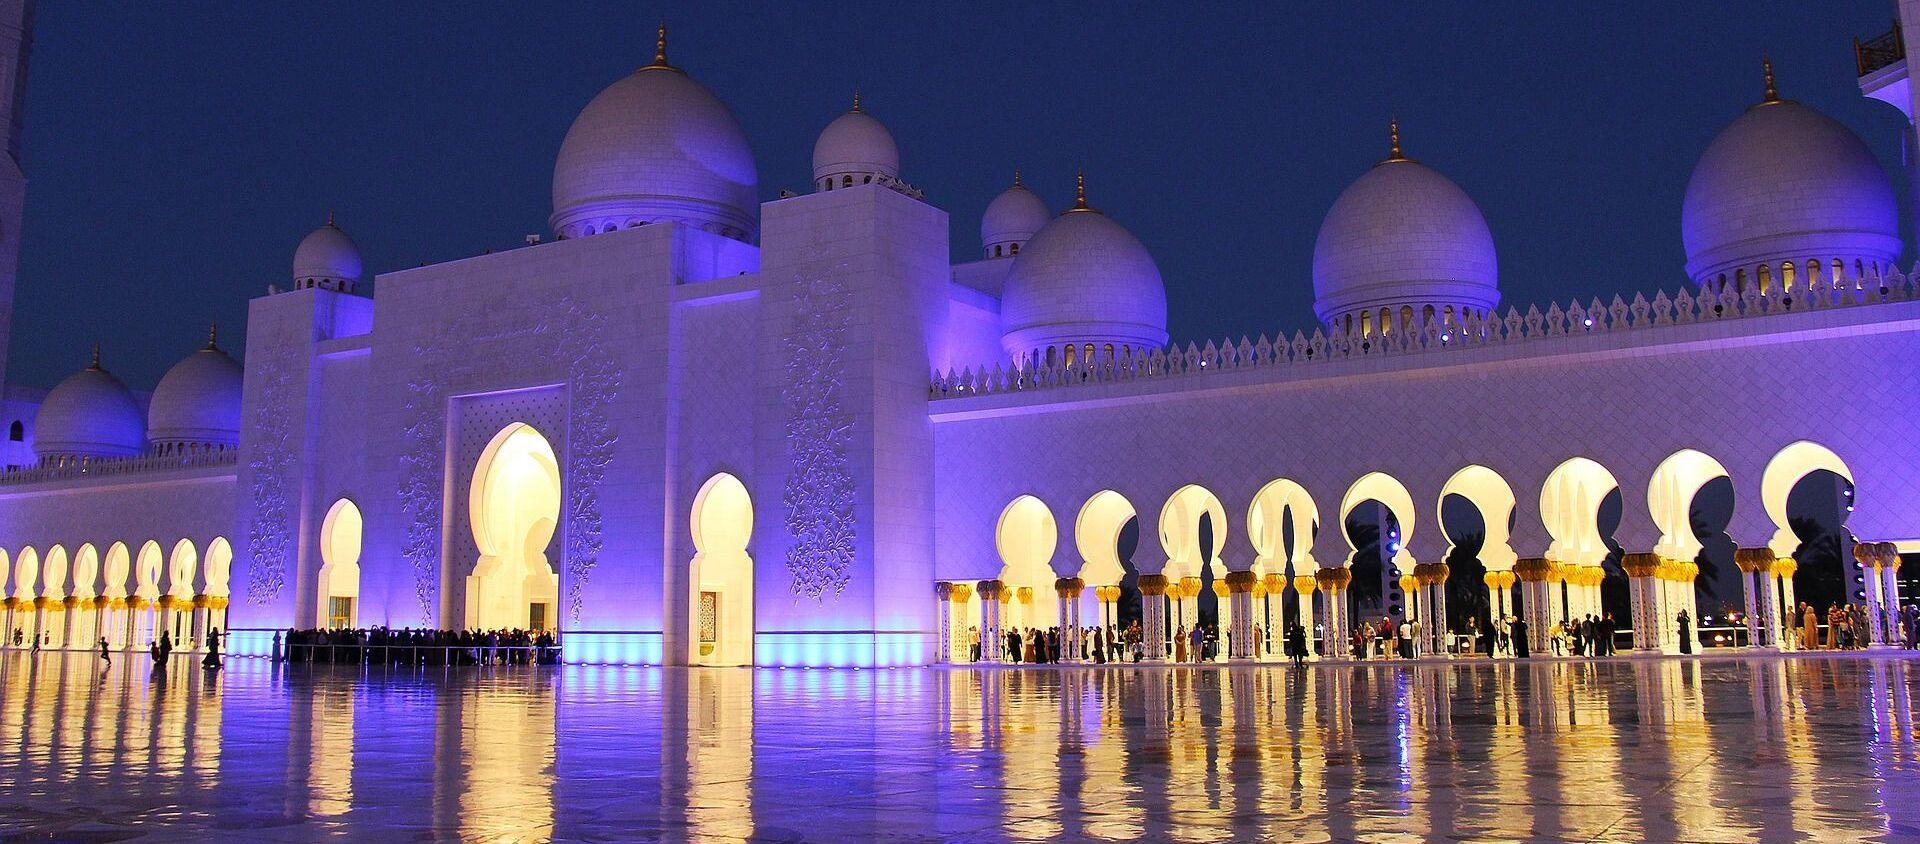 Подсвеченная ночью мечеть шейха Зайда в Абу-Даби - Sputnik Latvija, 1920, 03.03.2021